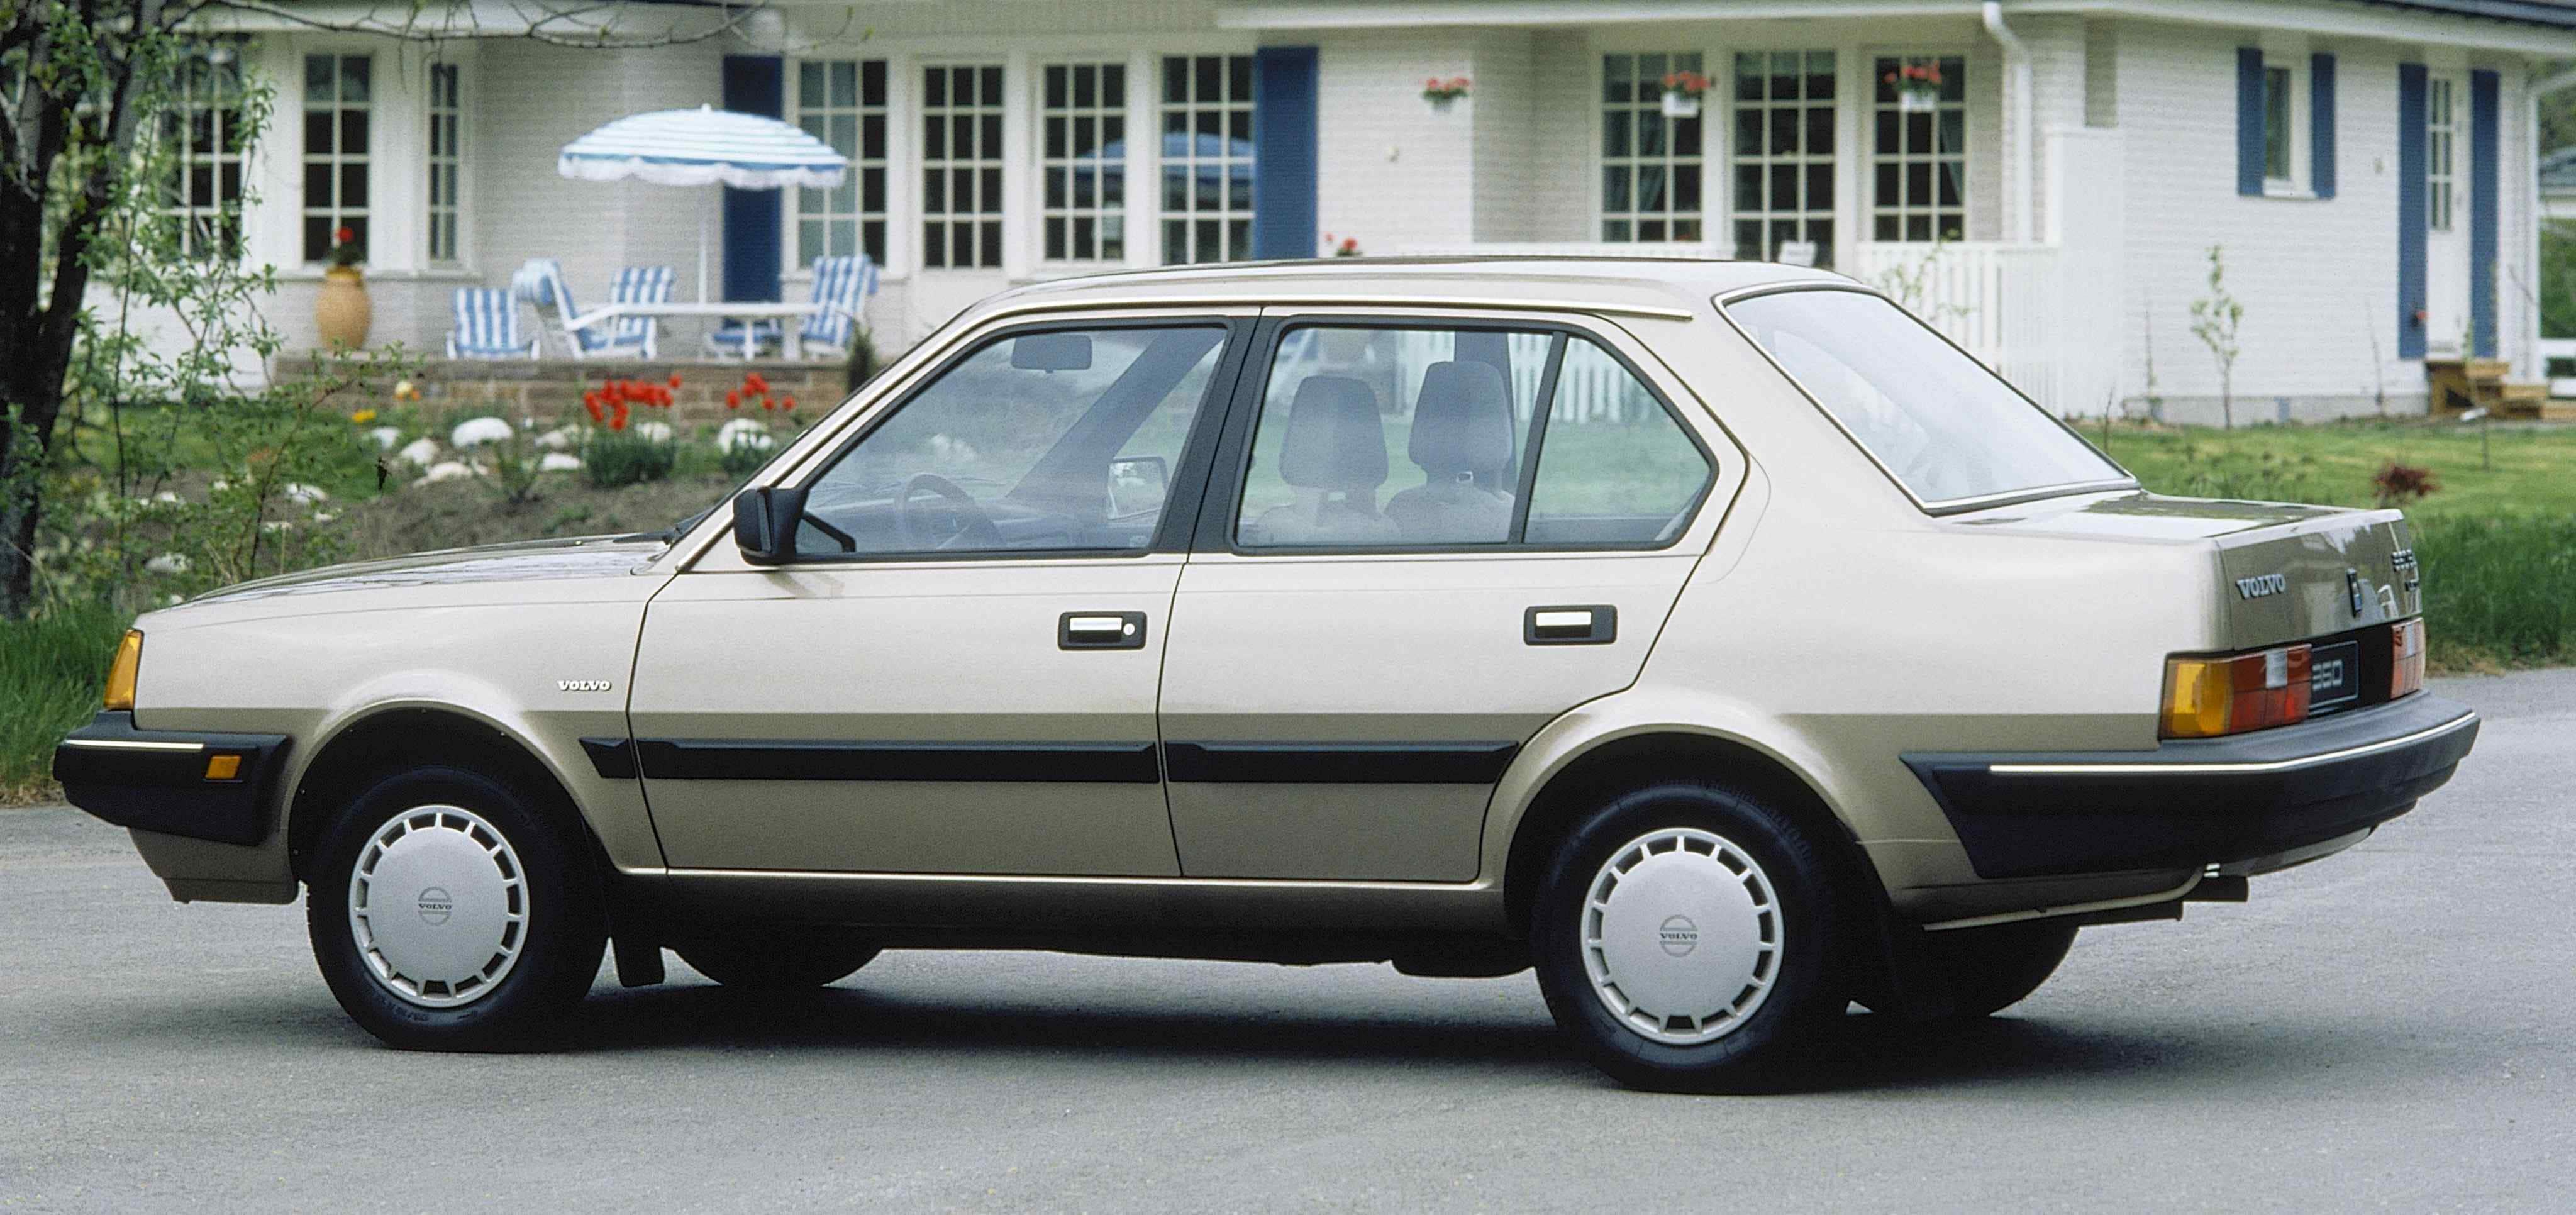 Un Volvo 360 sedán de color beige plateado aparcado delante de un edificio blanco